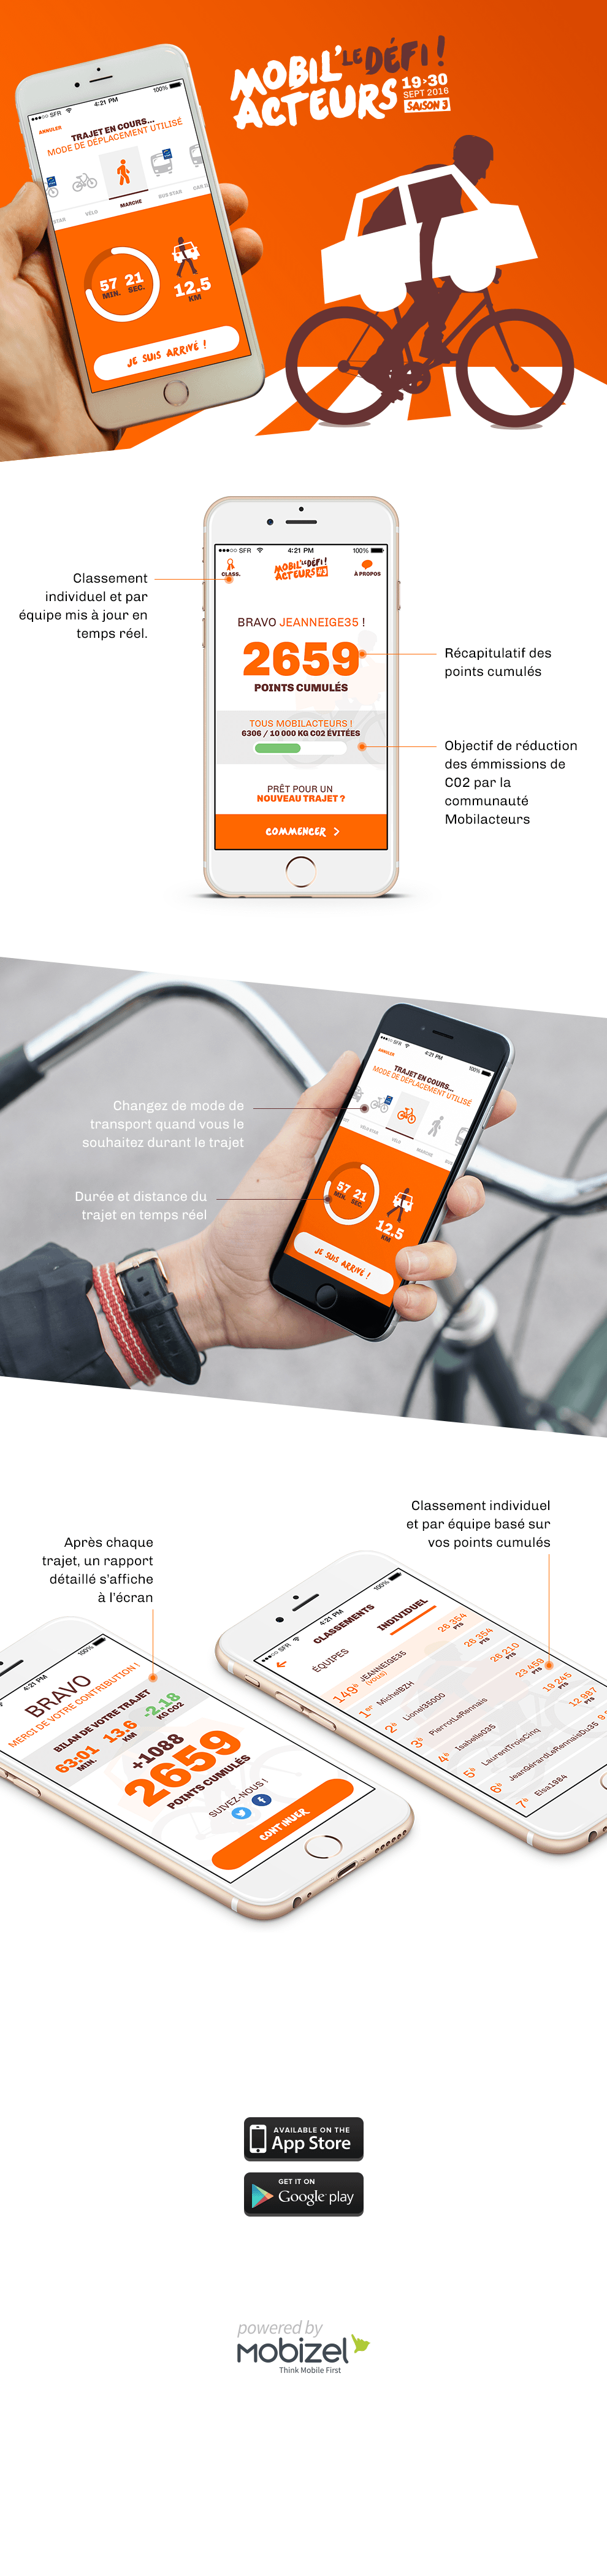 infographie mobilacteurs